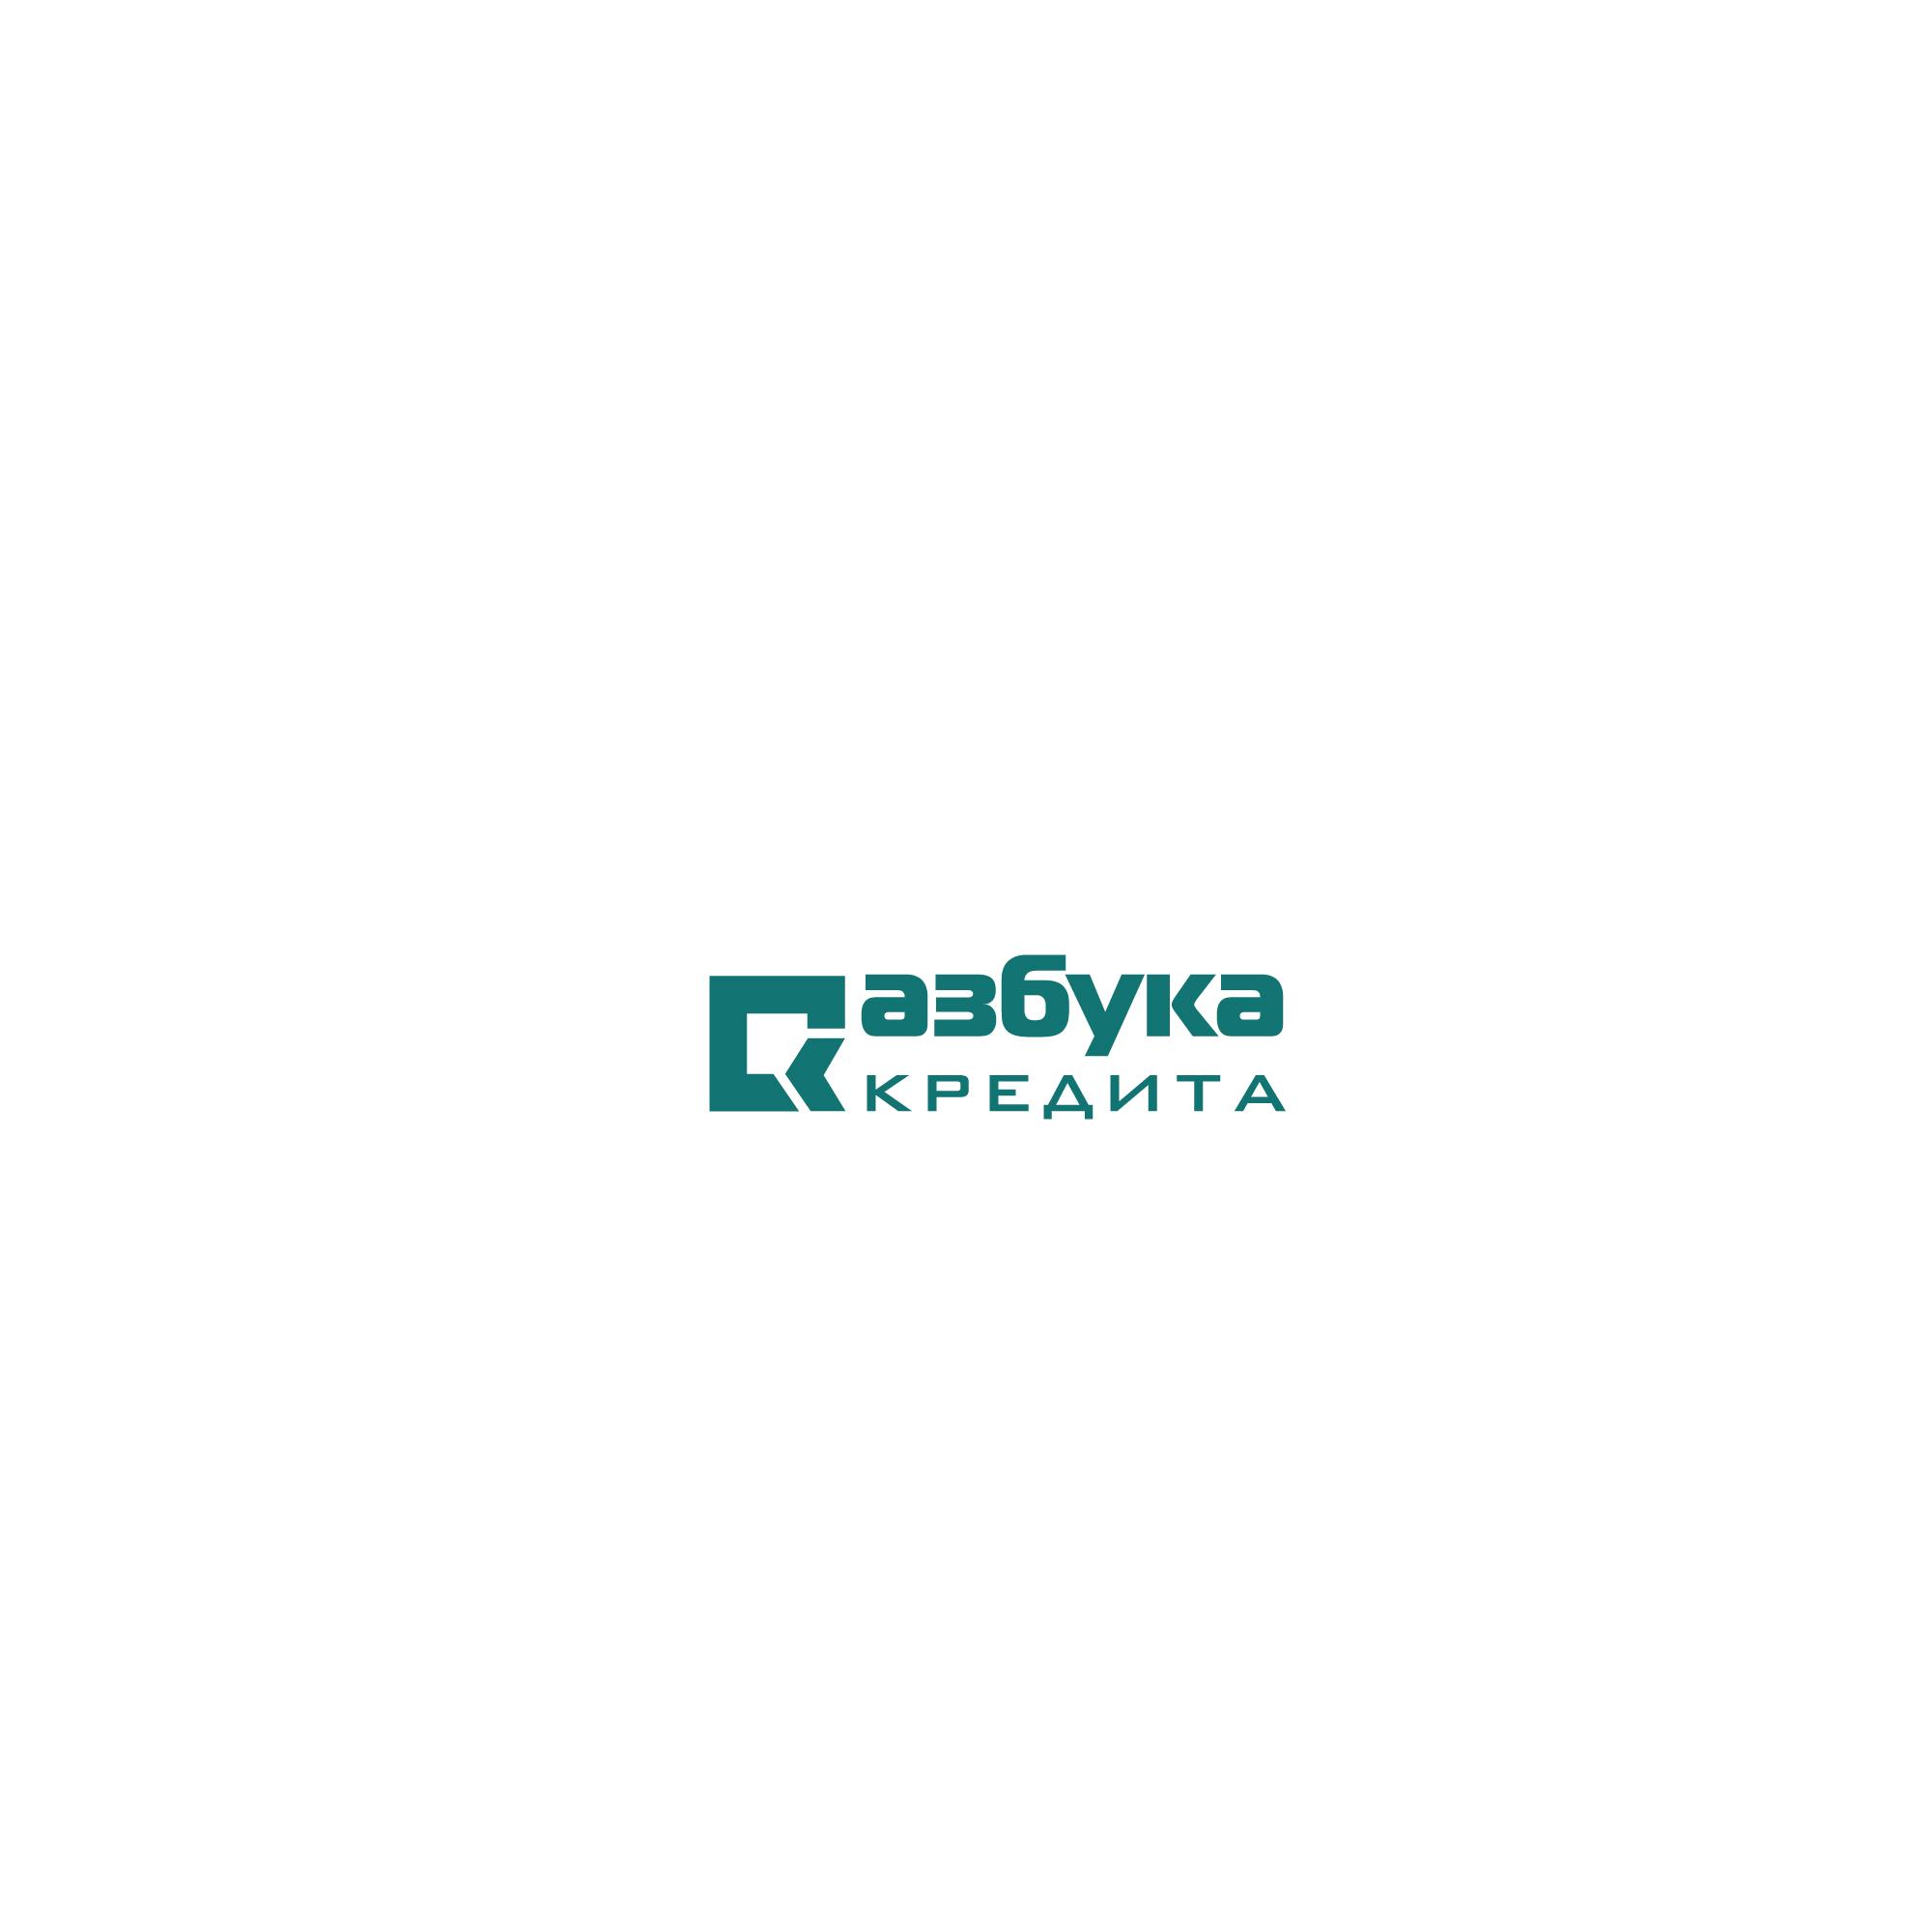 Разработать логотип для финансовой компании фото f_9845de6f31ae01db.jpg